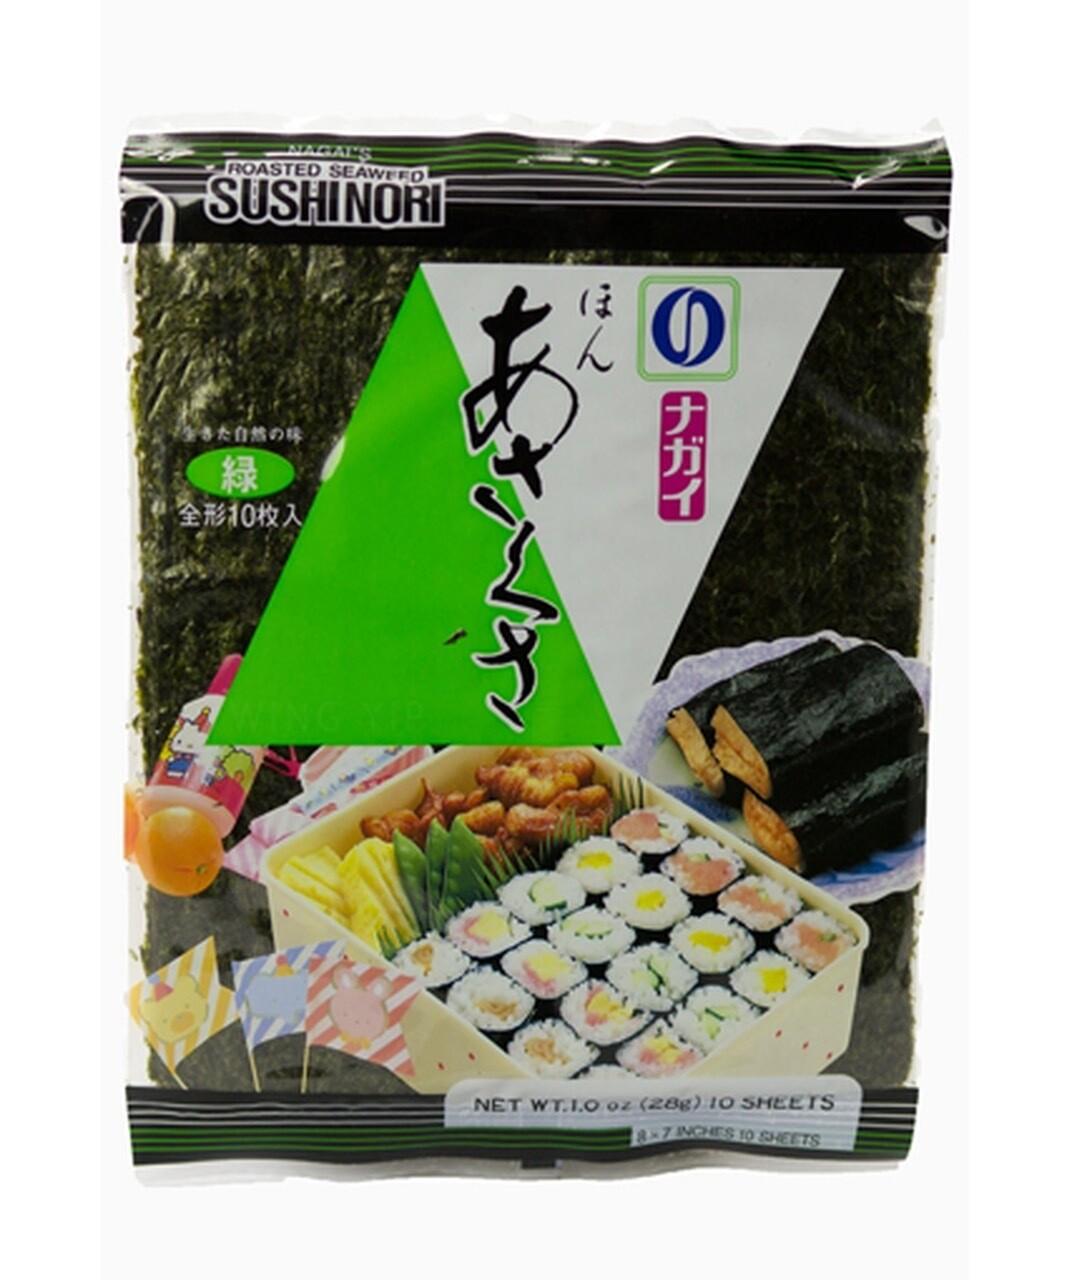 Roasted Sushi Nori Seaweed 8 x 7in 28g